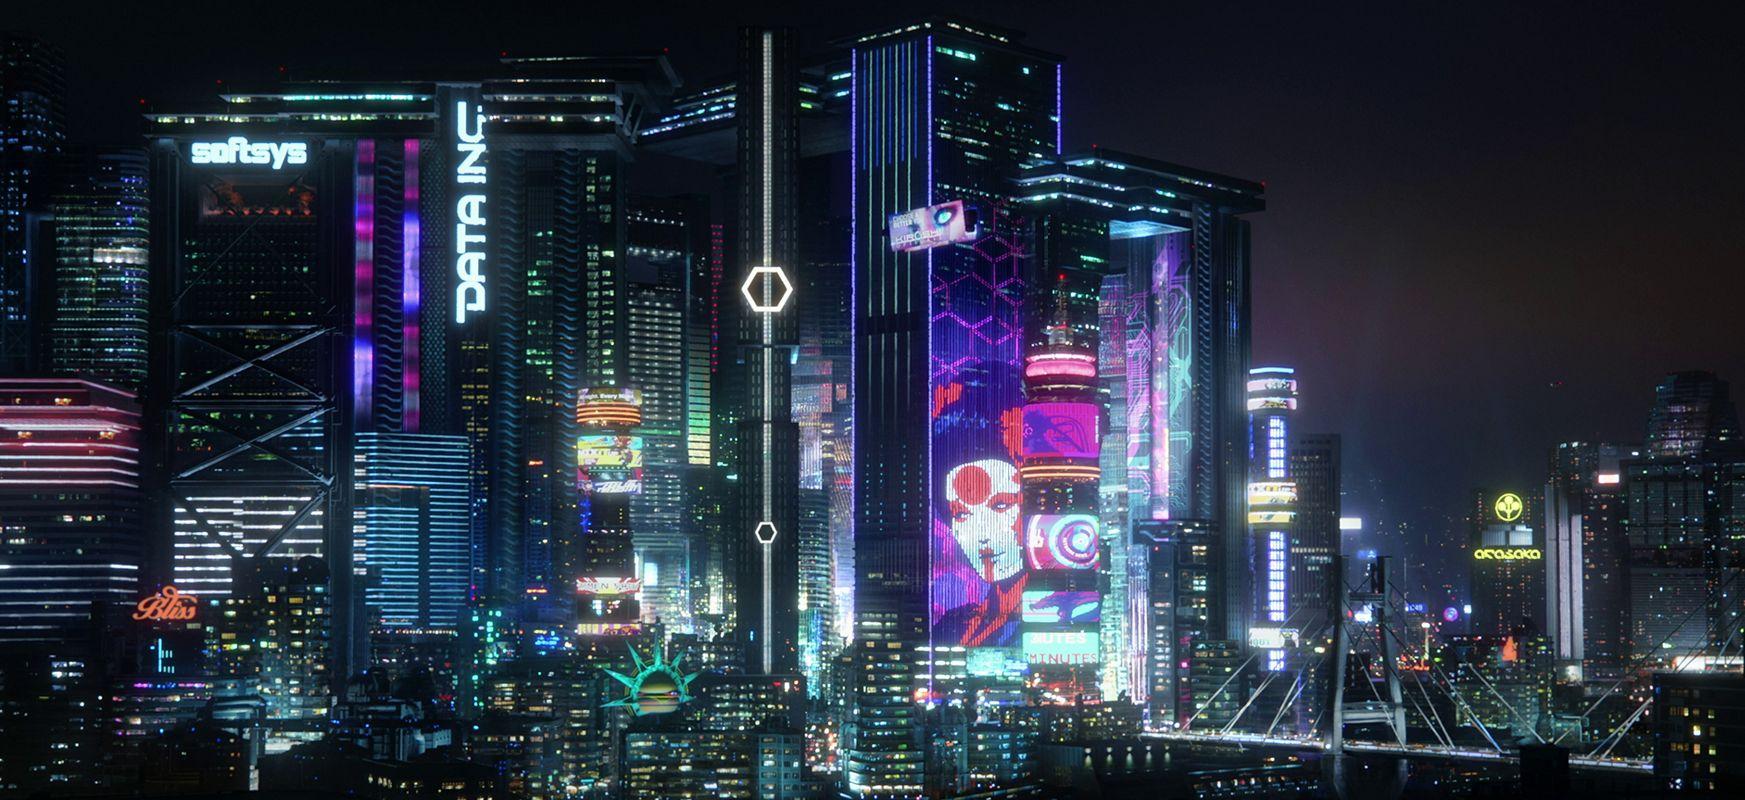 Kaer Morhen etatik Gotham hirira.  CD Project Red-ek ez du Zoom jatorririk eskaintzen